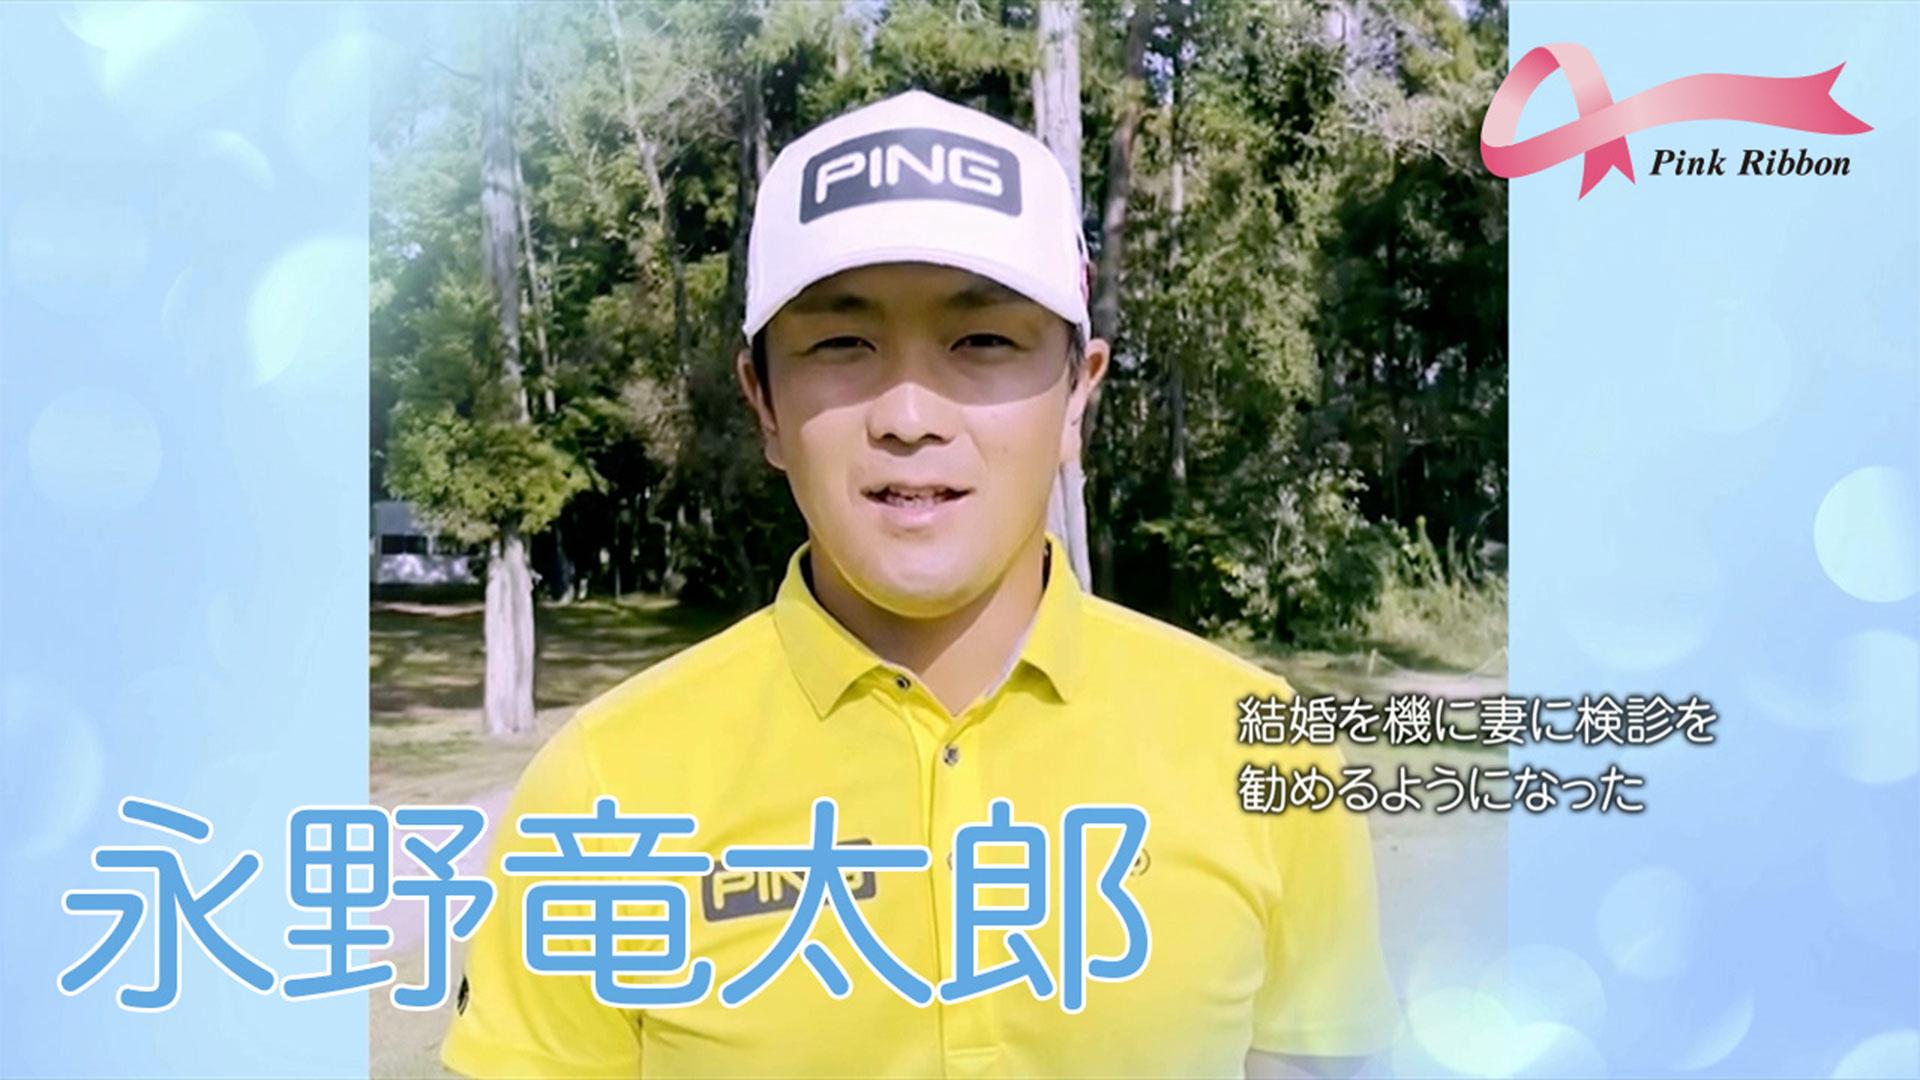 永野竜太郎「結婚を機に妻にも検診を勧めています」ゴルフネットワークピンクリボンチャリティ2021